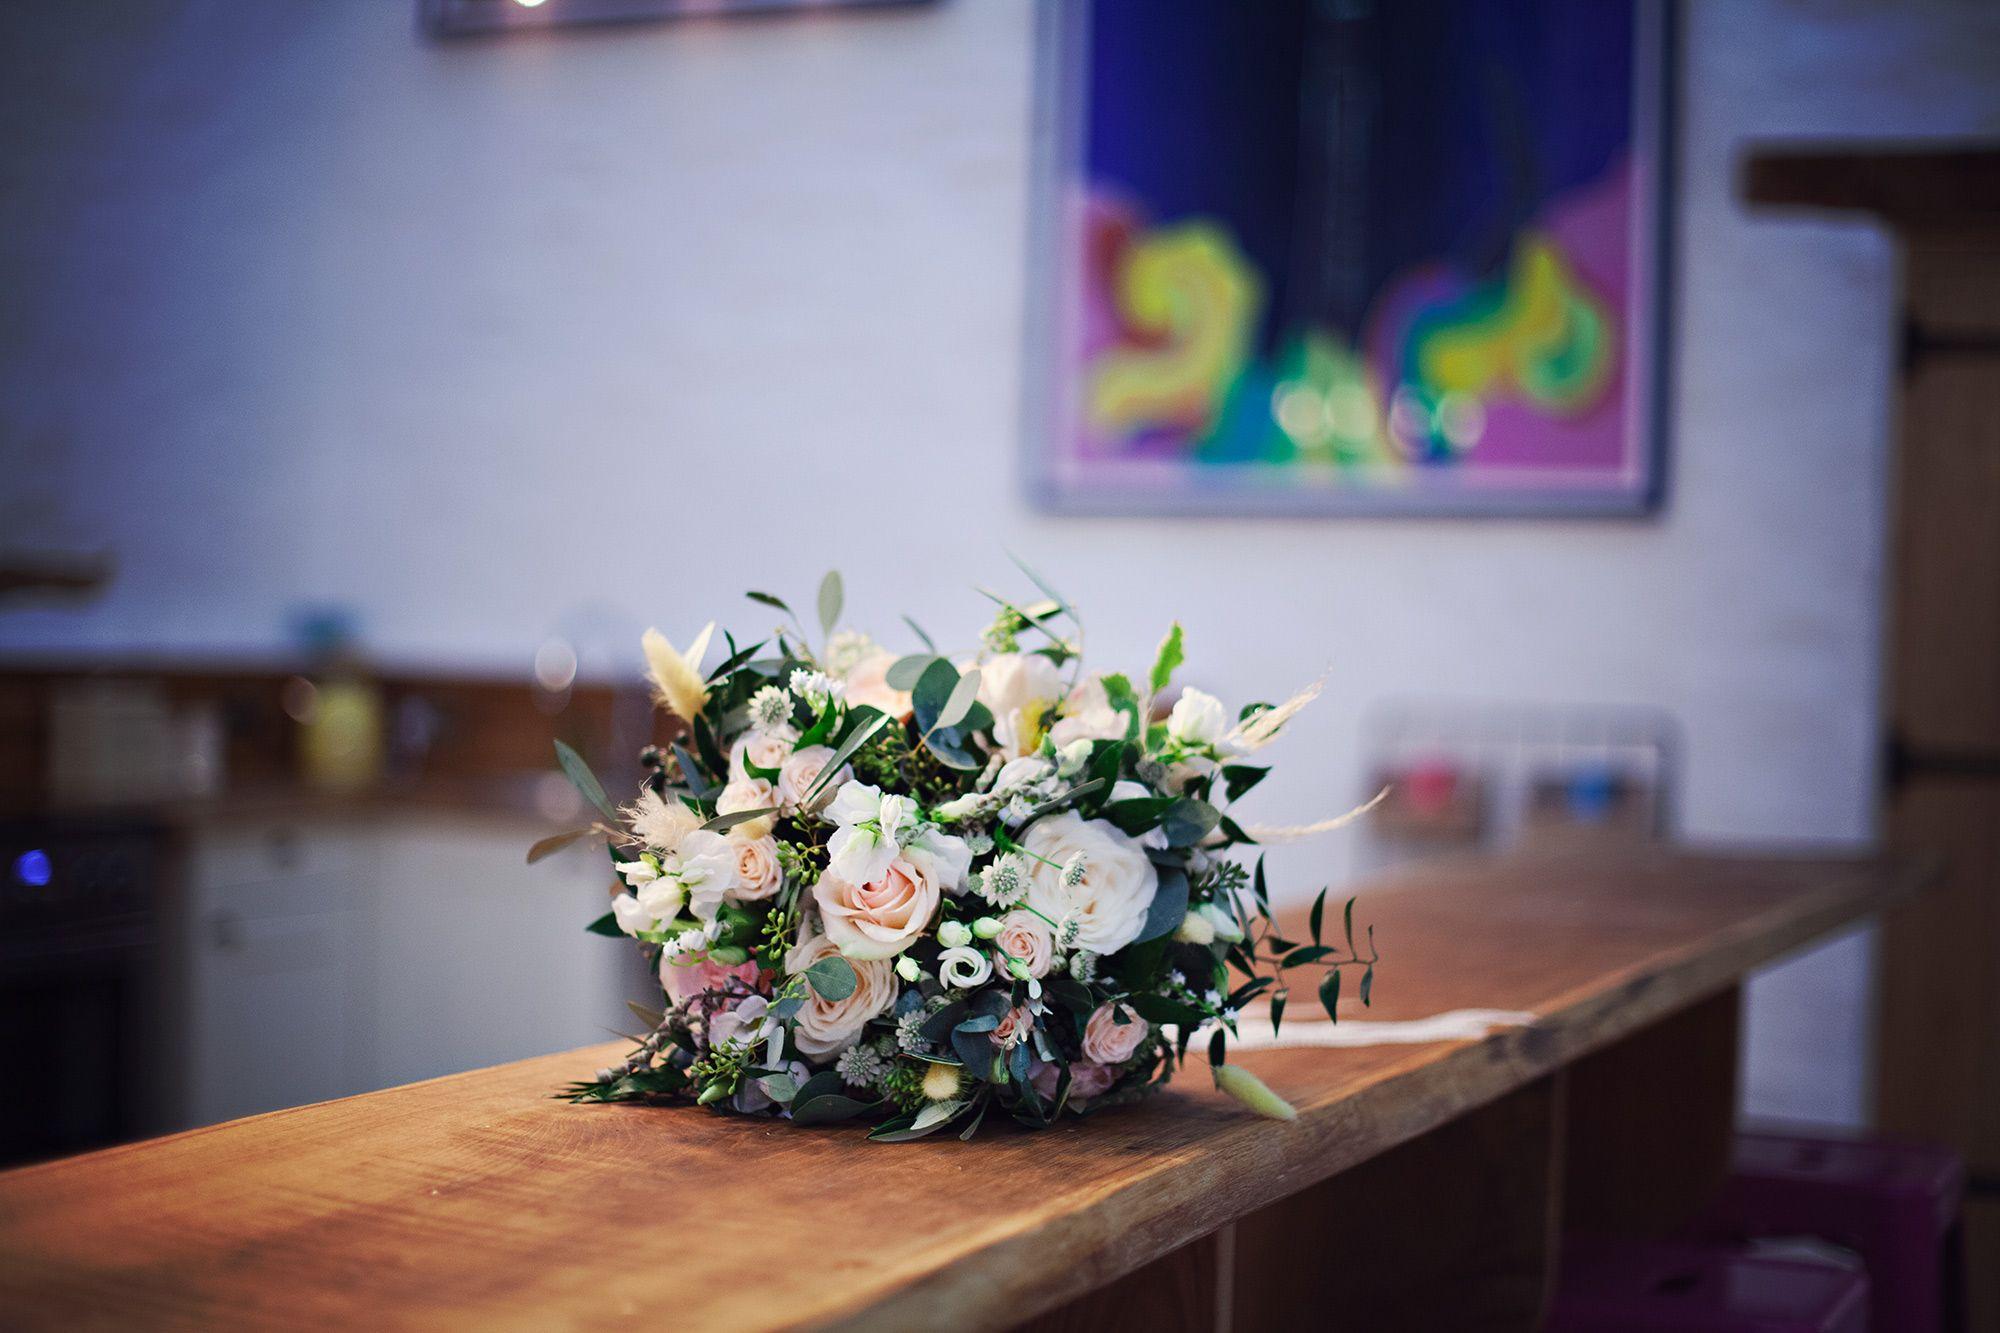 Wedding venue for hire Wern-Y-Cwm Wales. Wedding flowers